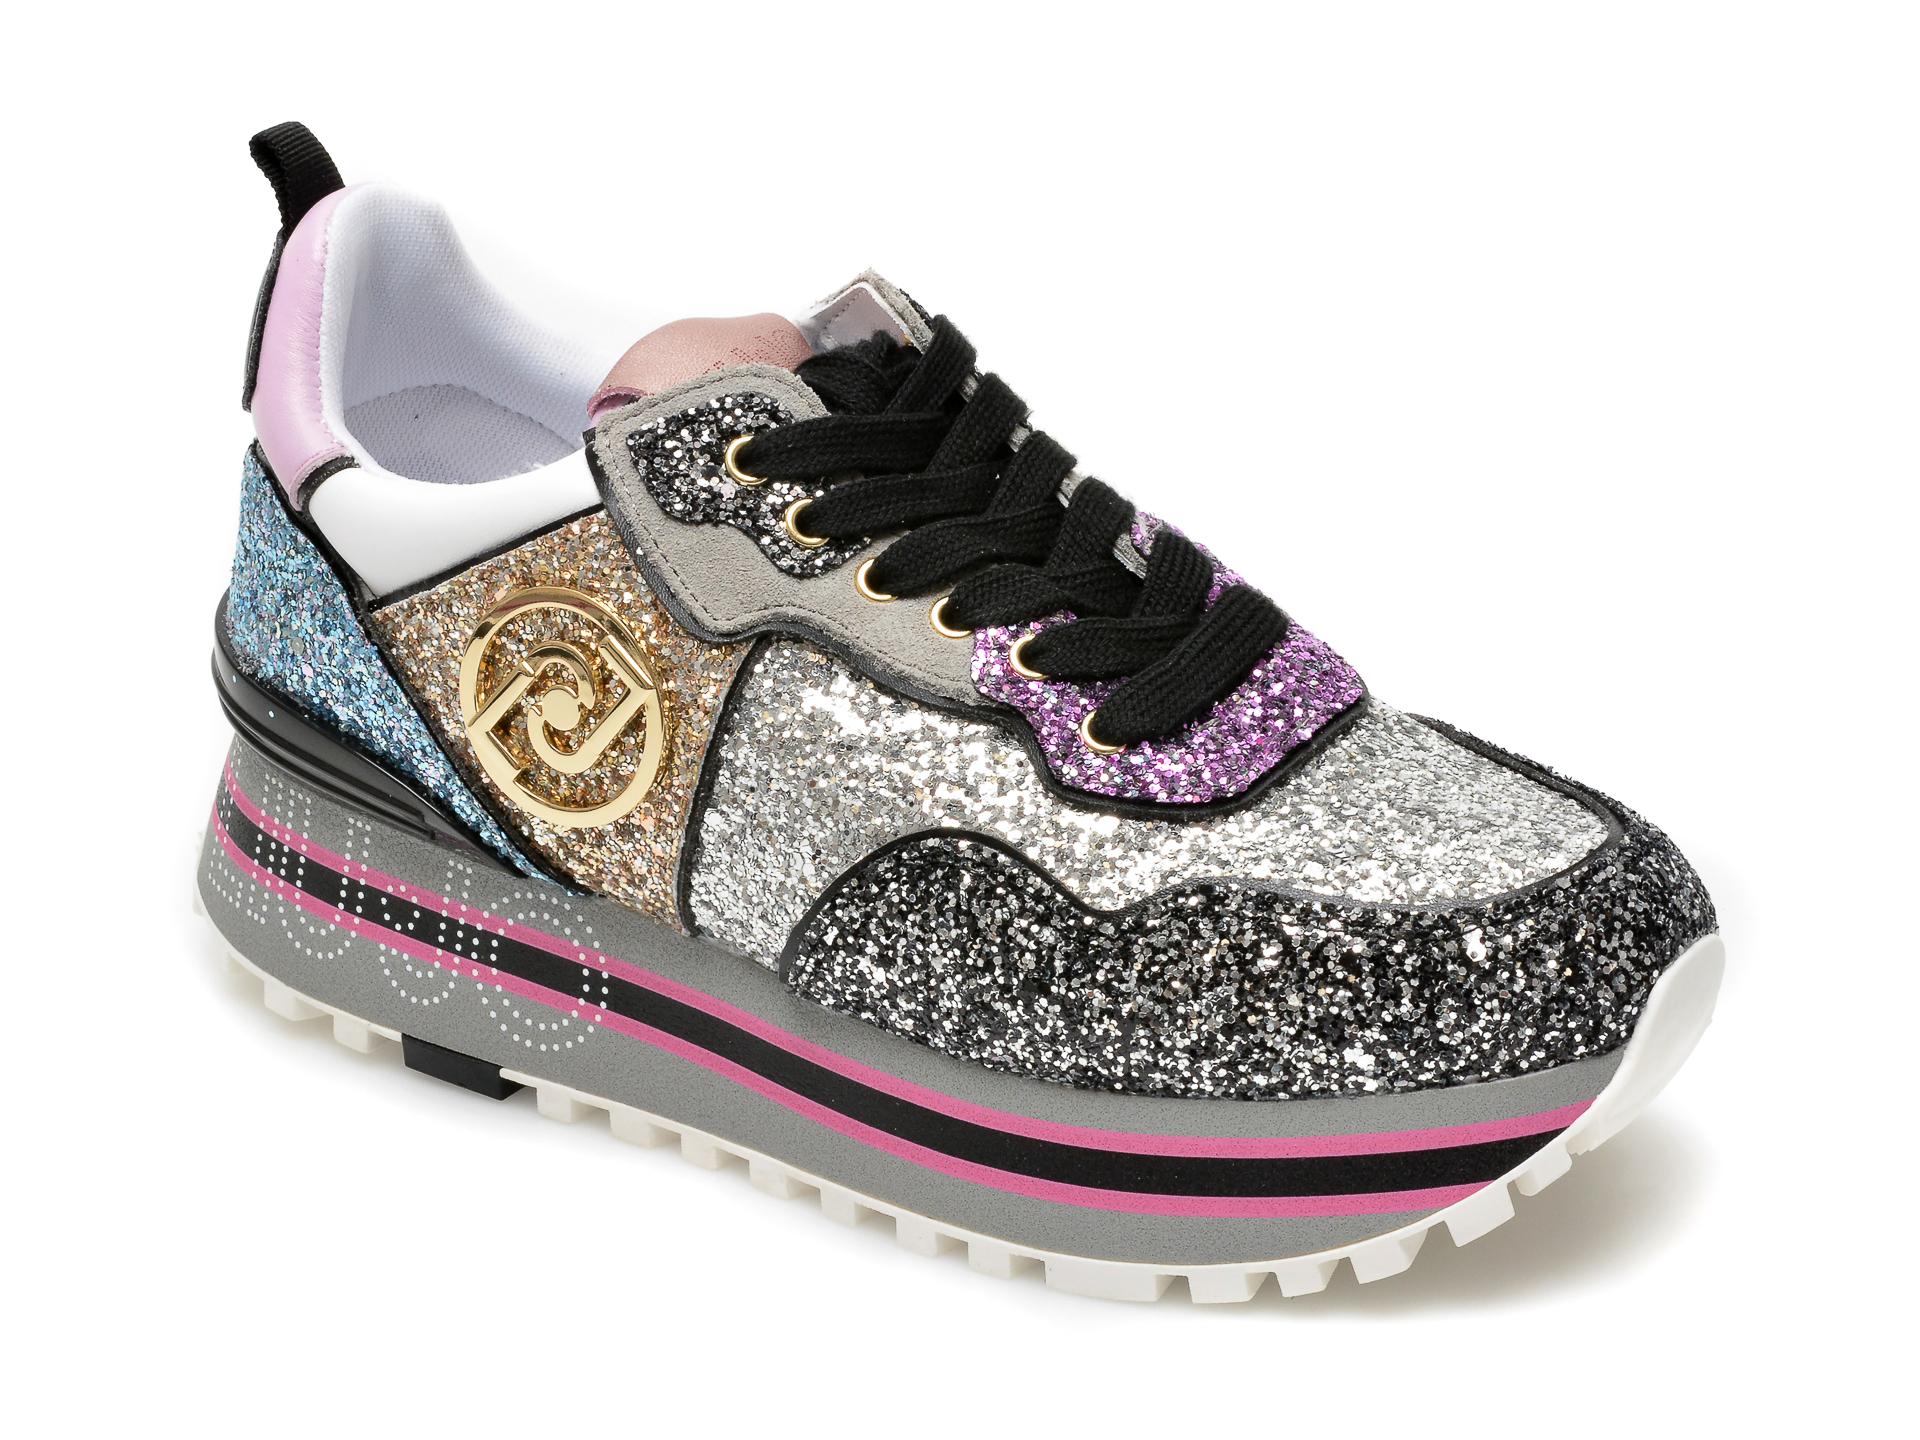 Pantofi sport LIU JO multicolori, Maxi Wonder 24, din piele ecologica New